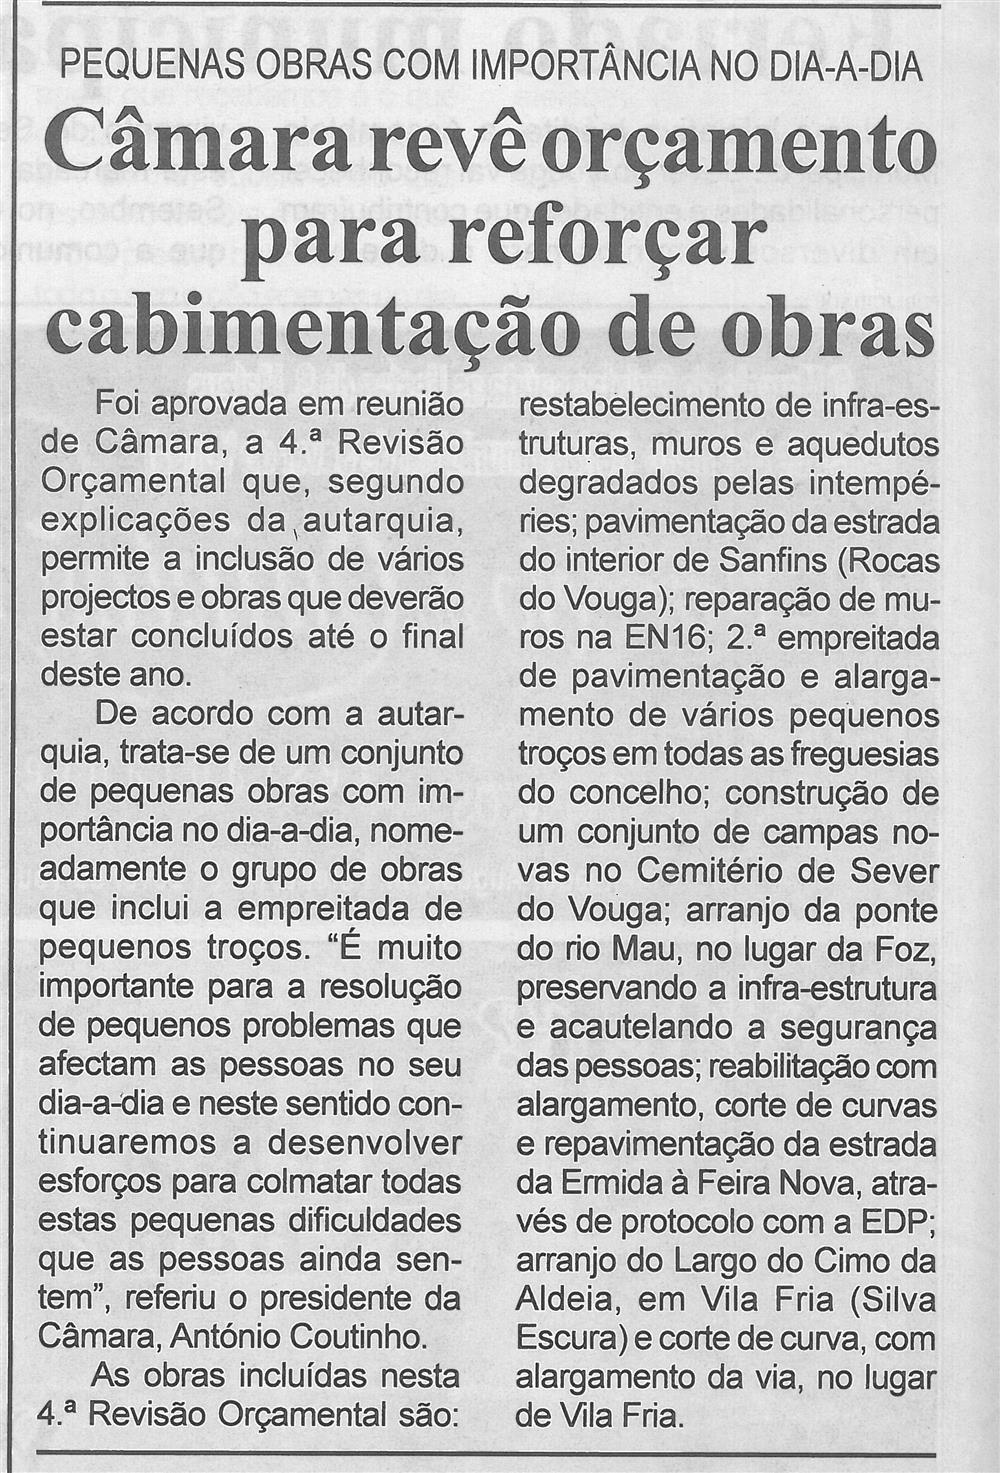 BV-2.ªset.'15-p.2-Câmara revê orçamento para reforçar cabimentação de obras : pequenas obras com importância no dia-a-dia.jpg